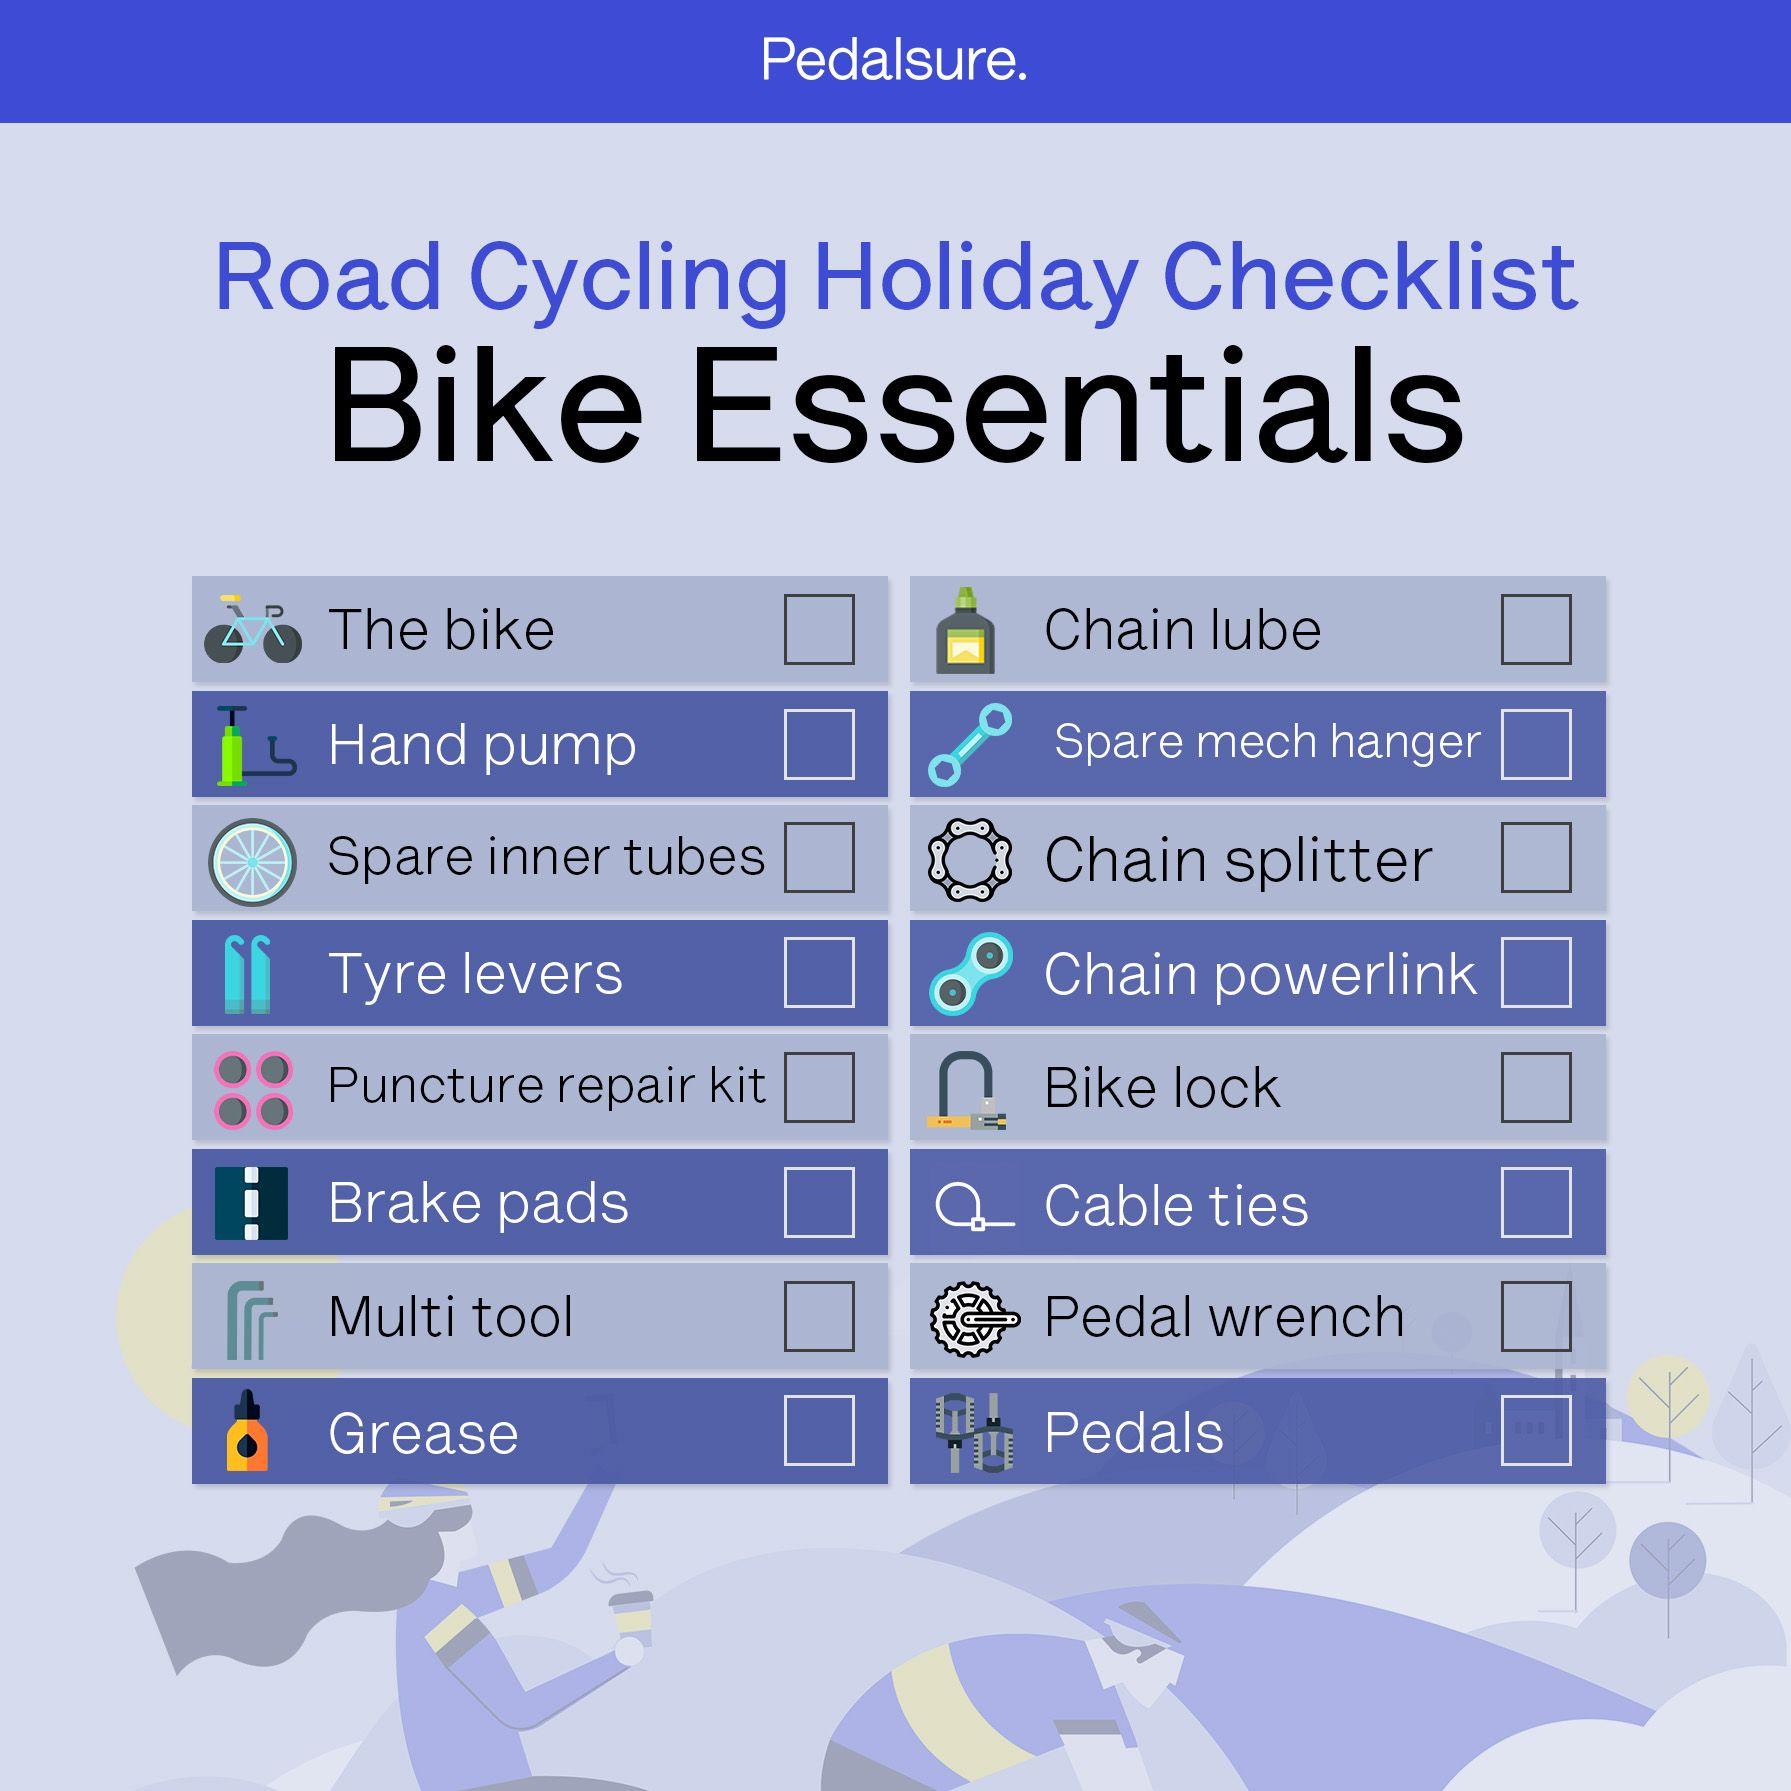 Pedalsure bike essentials checklist